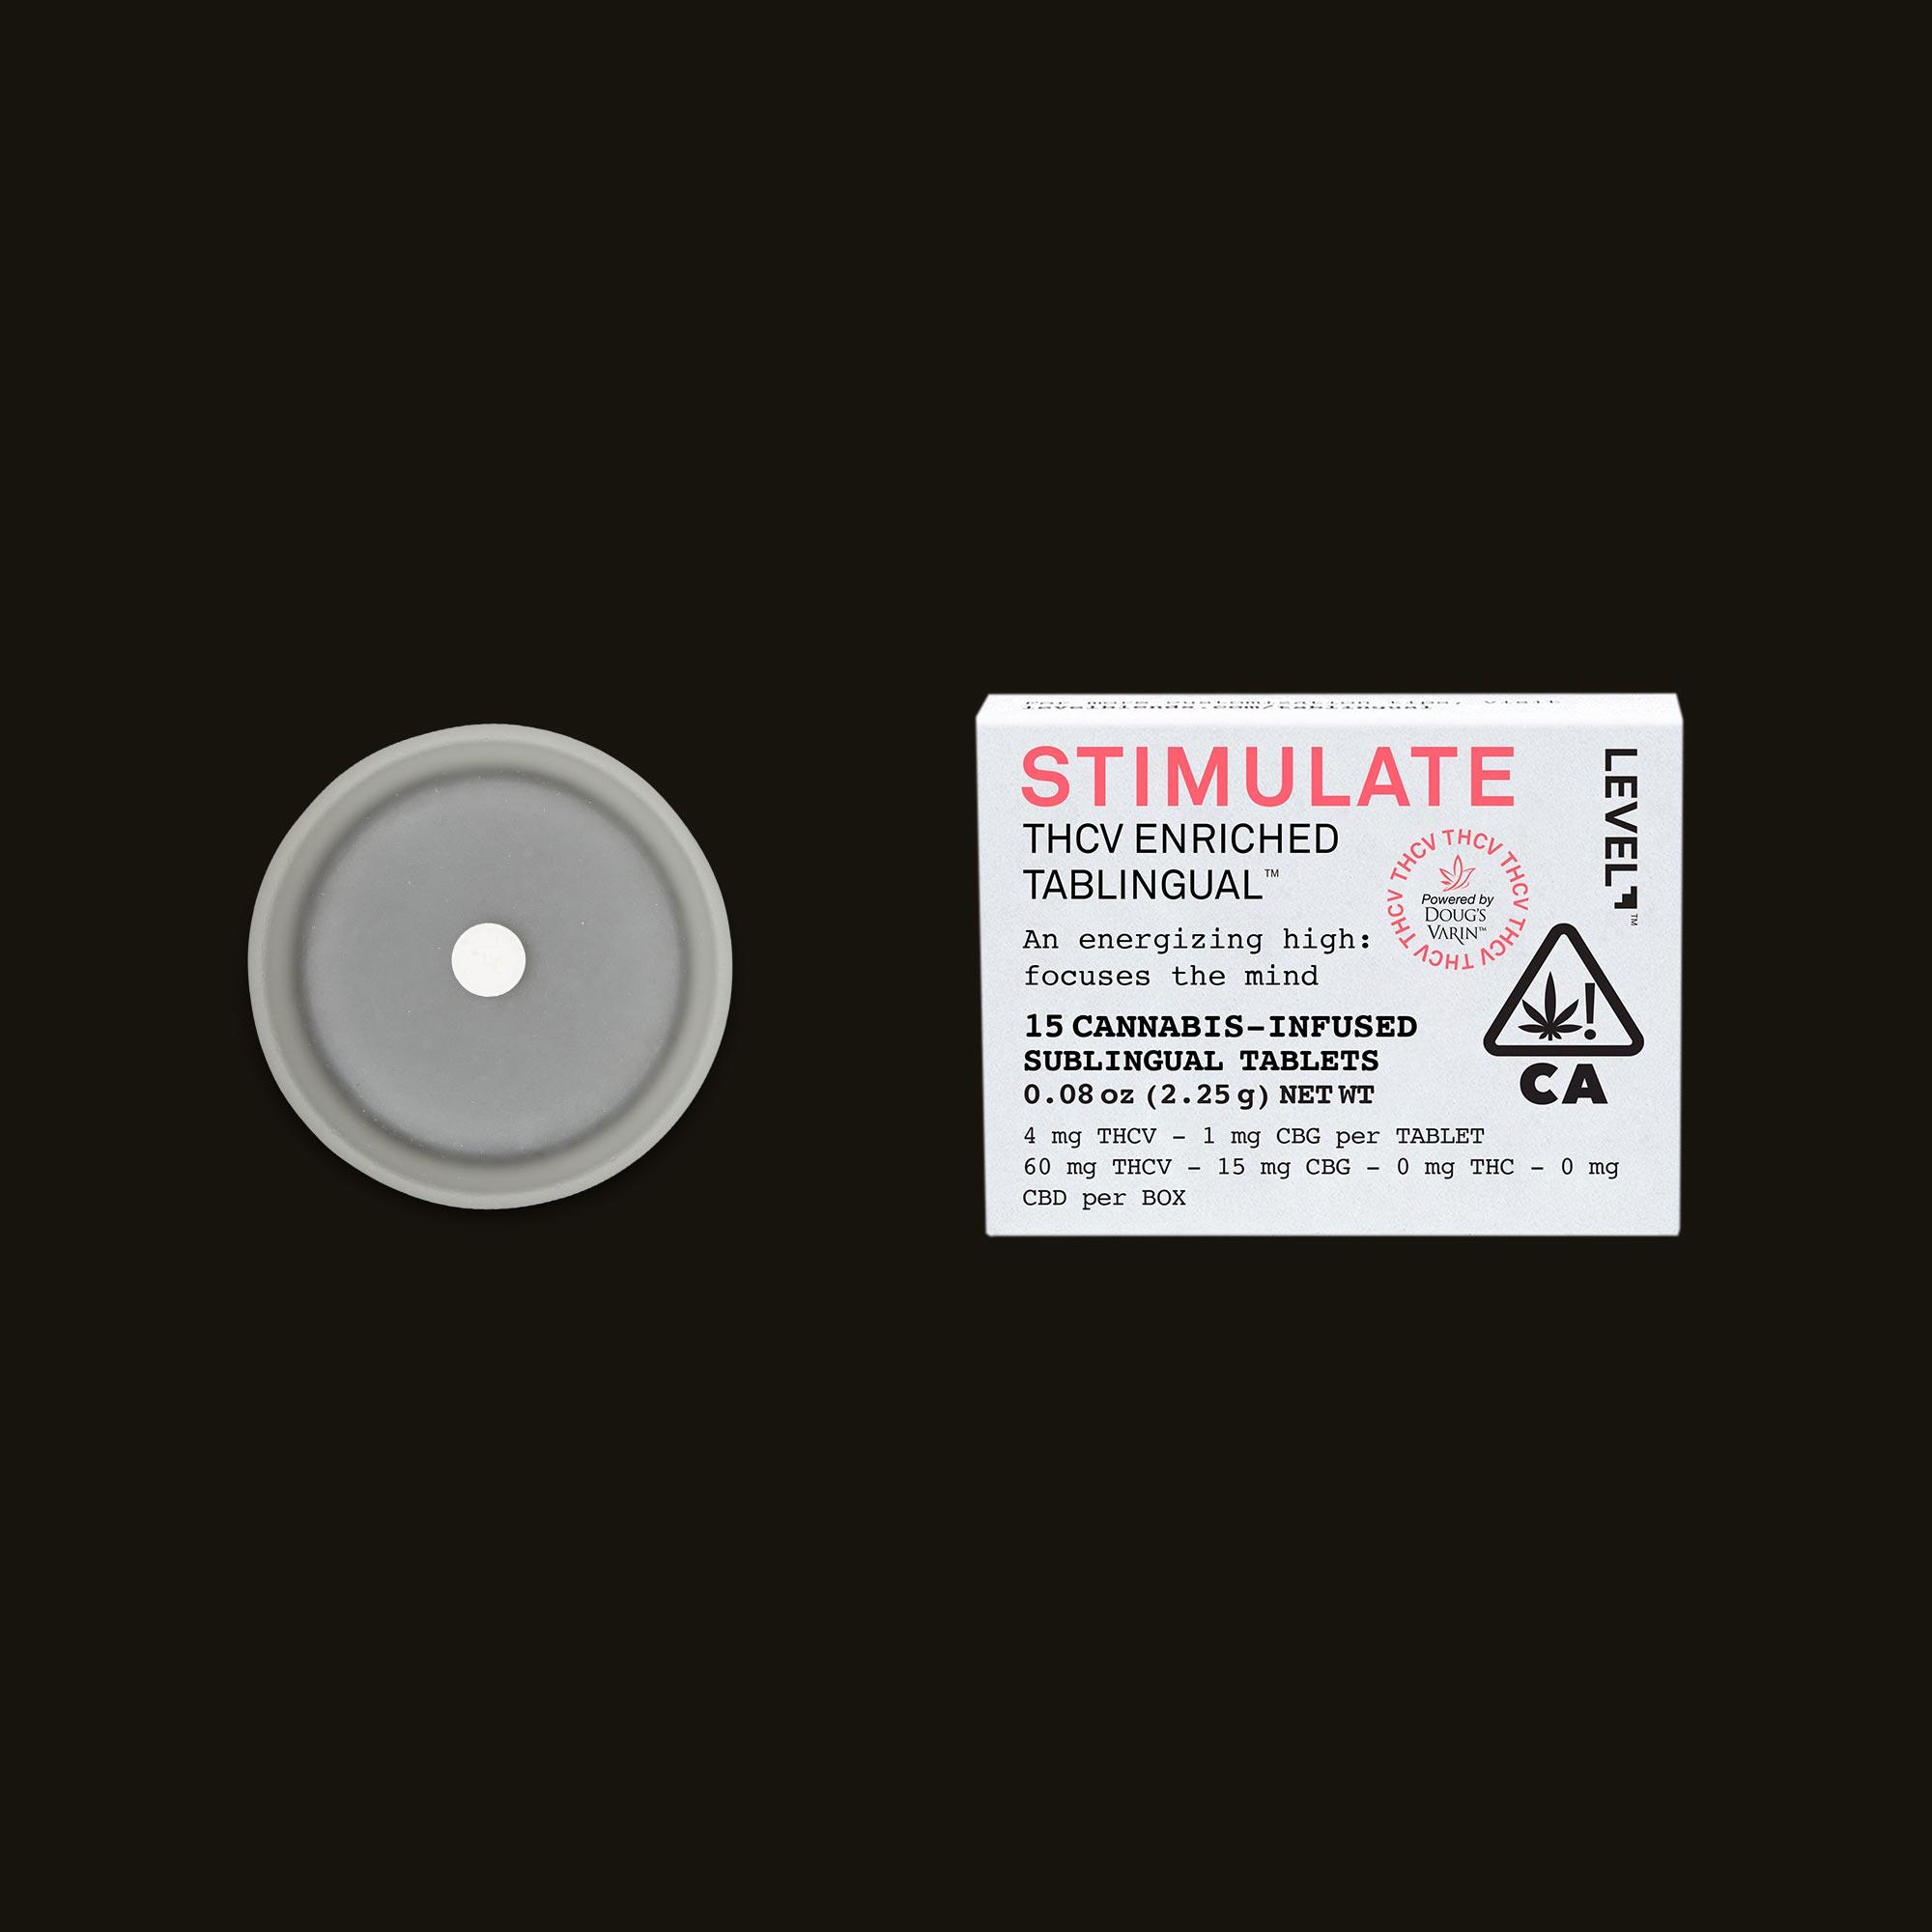 LEVEL Stimulate Tablingual